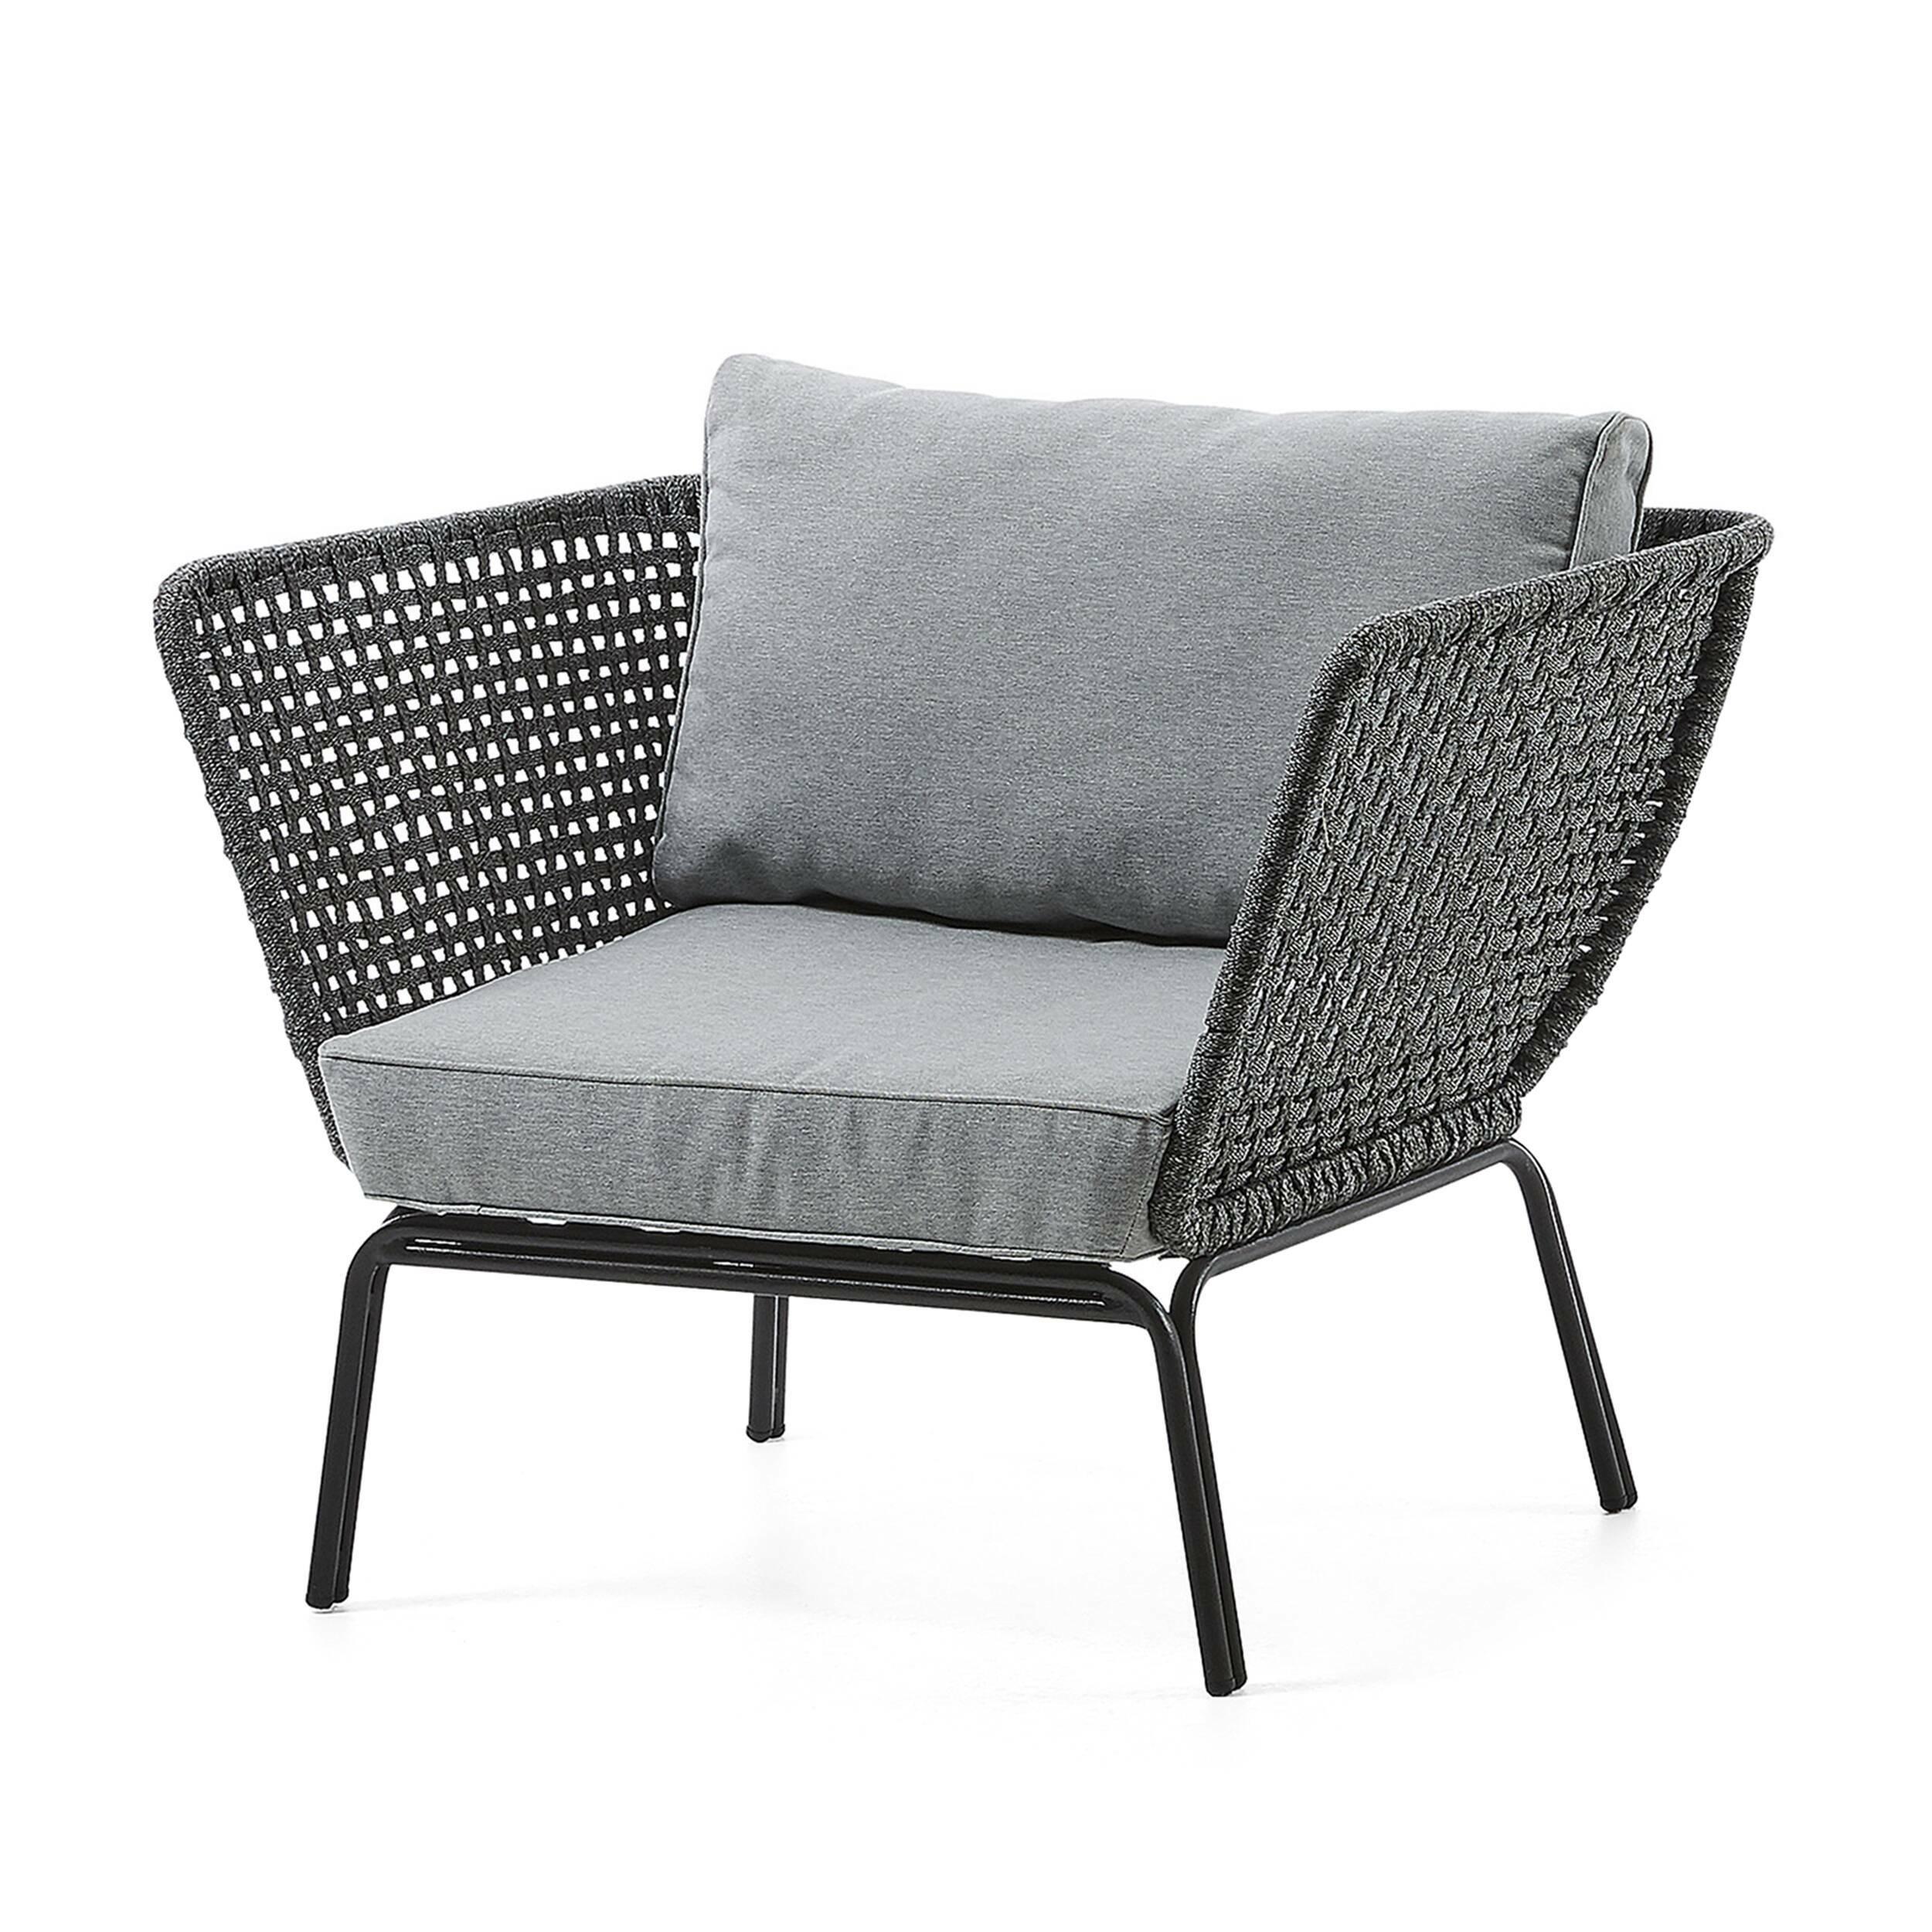 Кресло BERNIE серое металлическое